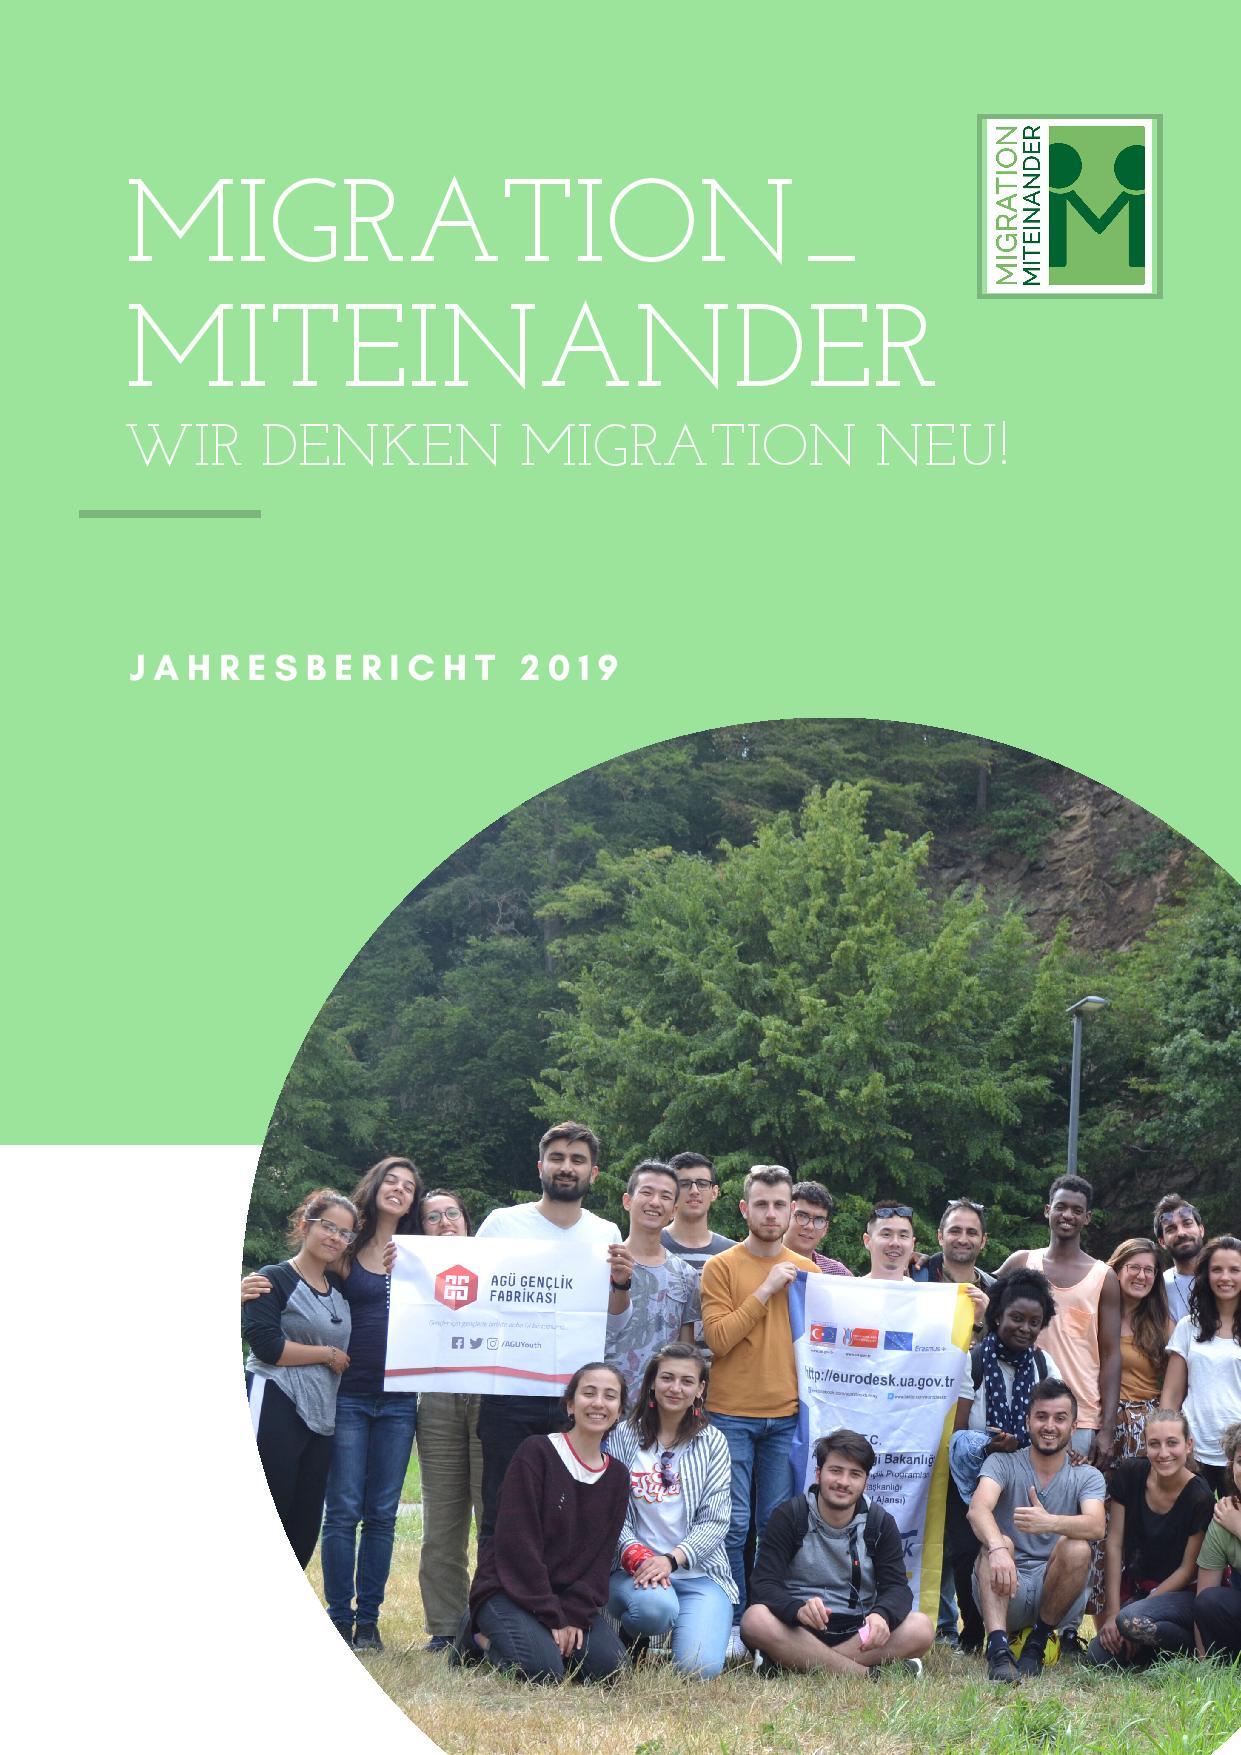 Jahresbericht migration_miteinander_2019